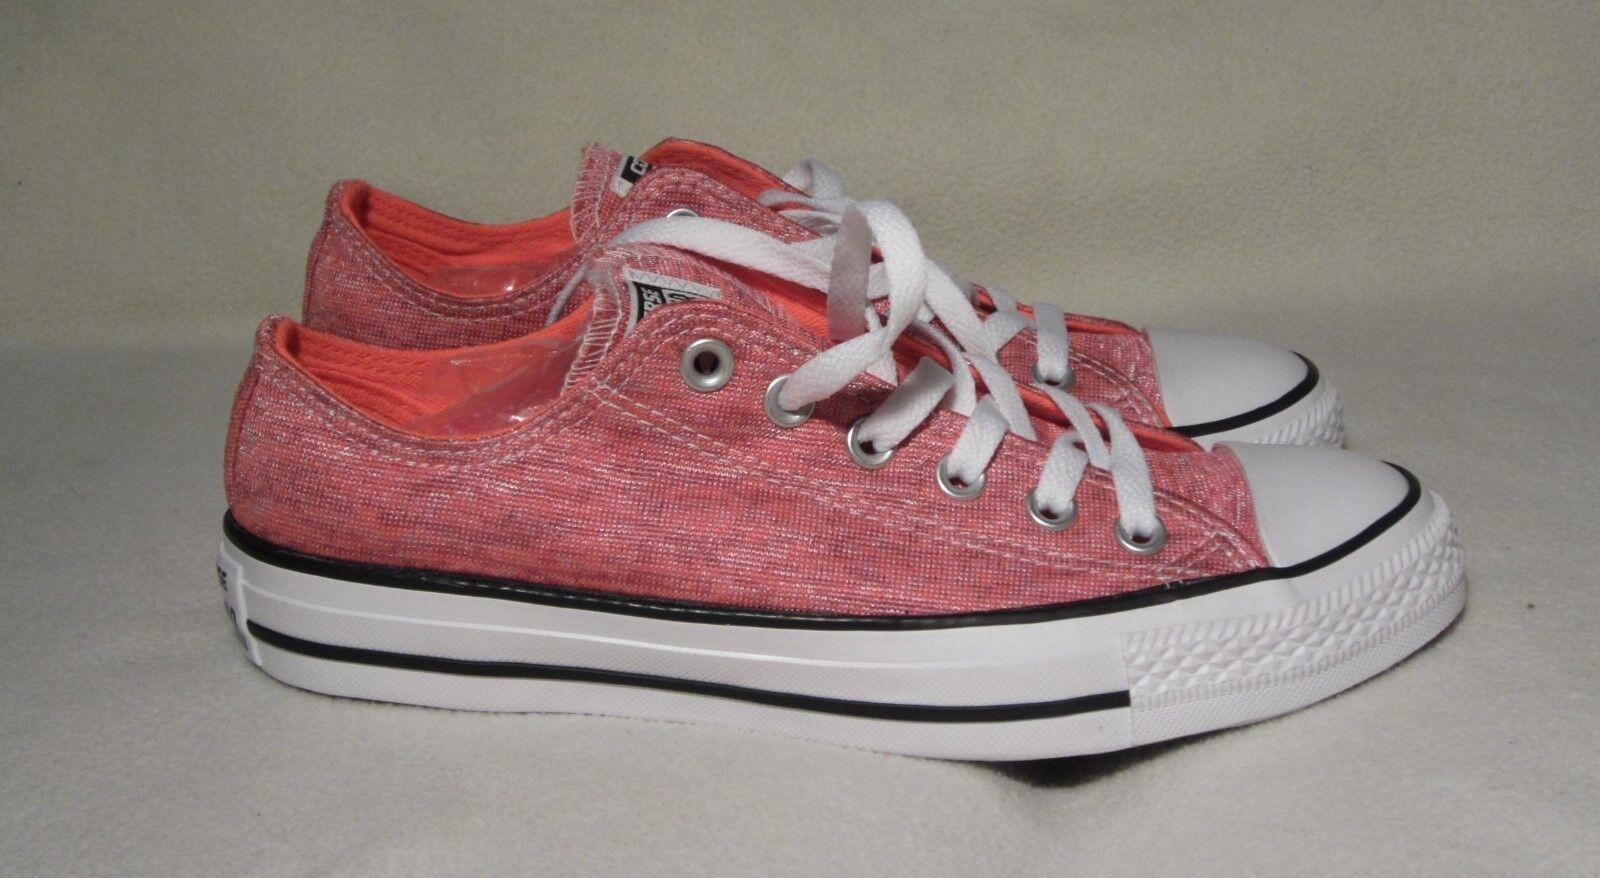 Converse All Star rosado Plata Brillante Zapatillas Zapatillas Zapatillas Mujer Talla 8 hombre Talla 7 UK 6  Obtén lo ultimo